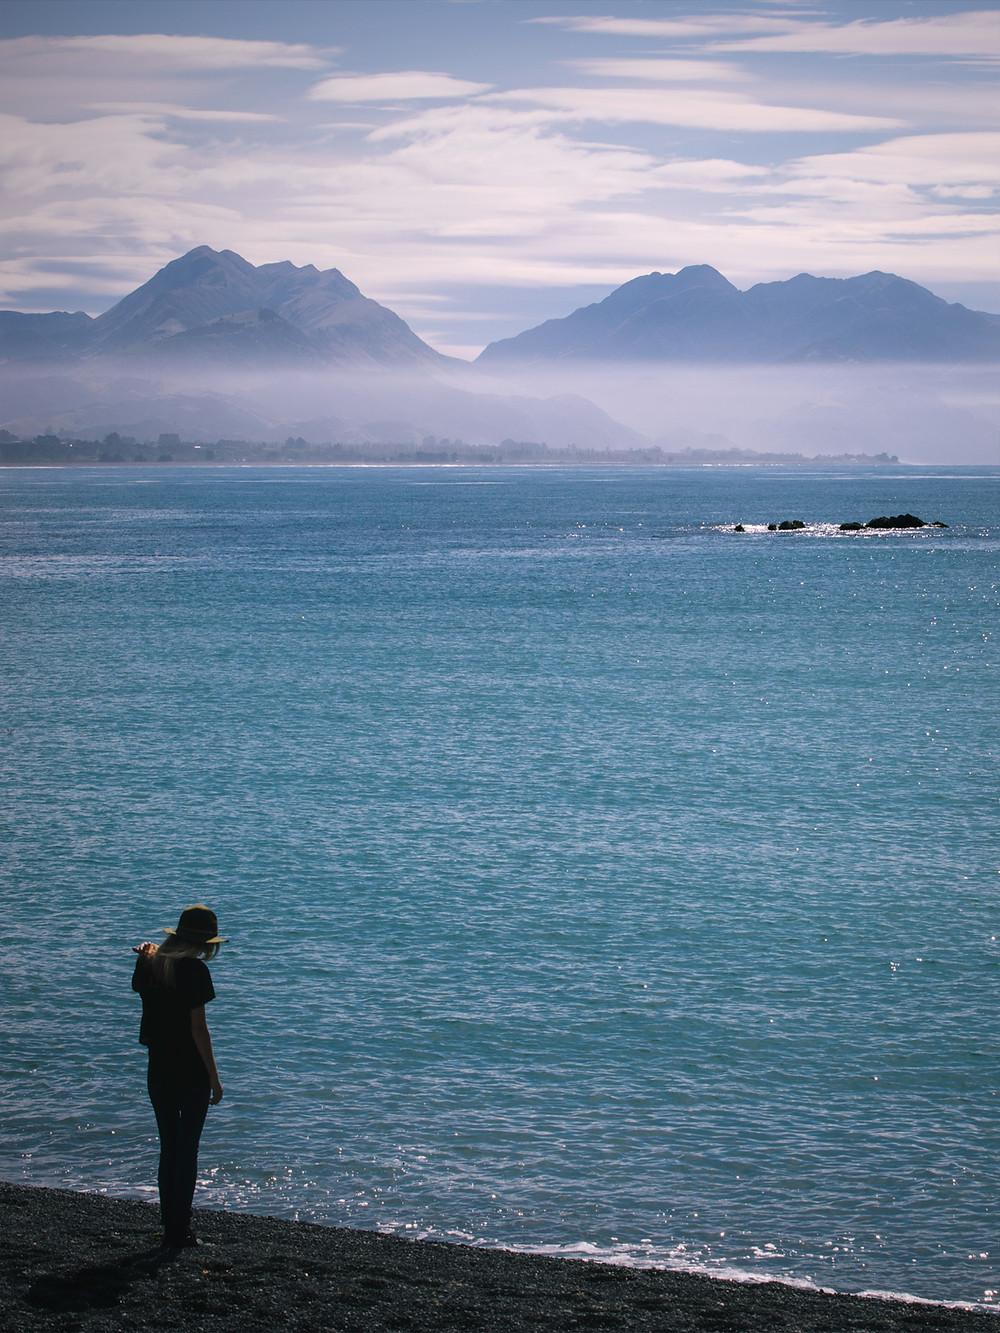 Kaikoura foreshore. Photo credit William Patino